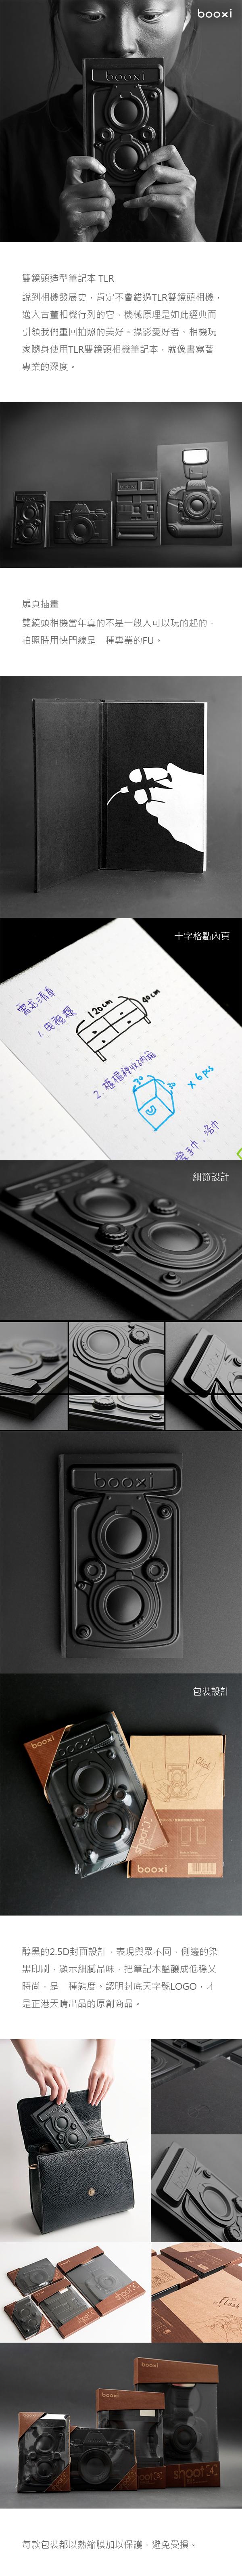 天晴設計 雙鏡頭造型筆記本 TLR